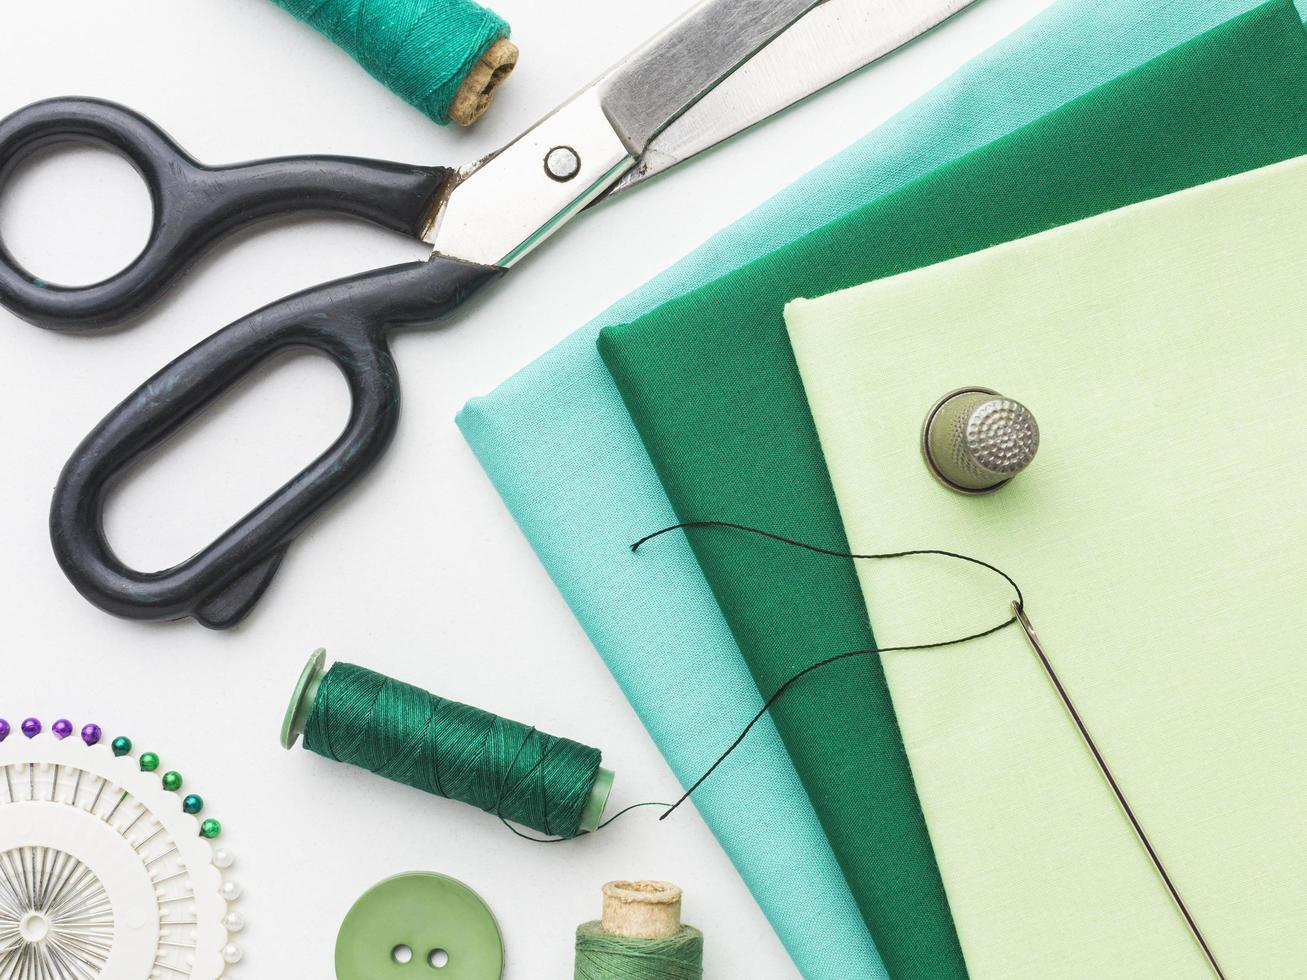 tela, cinta métrica, agujas e hilo para coser foto